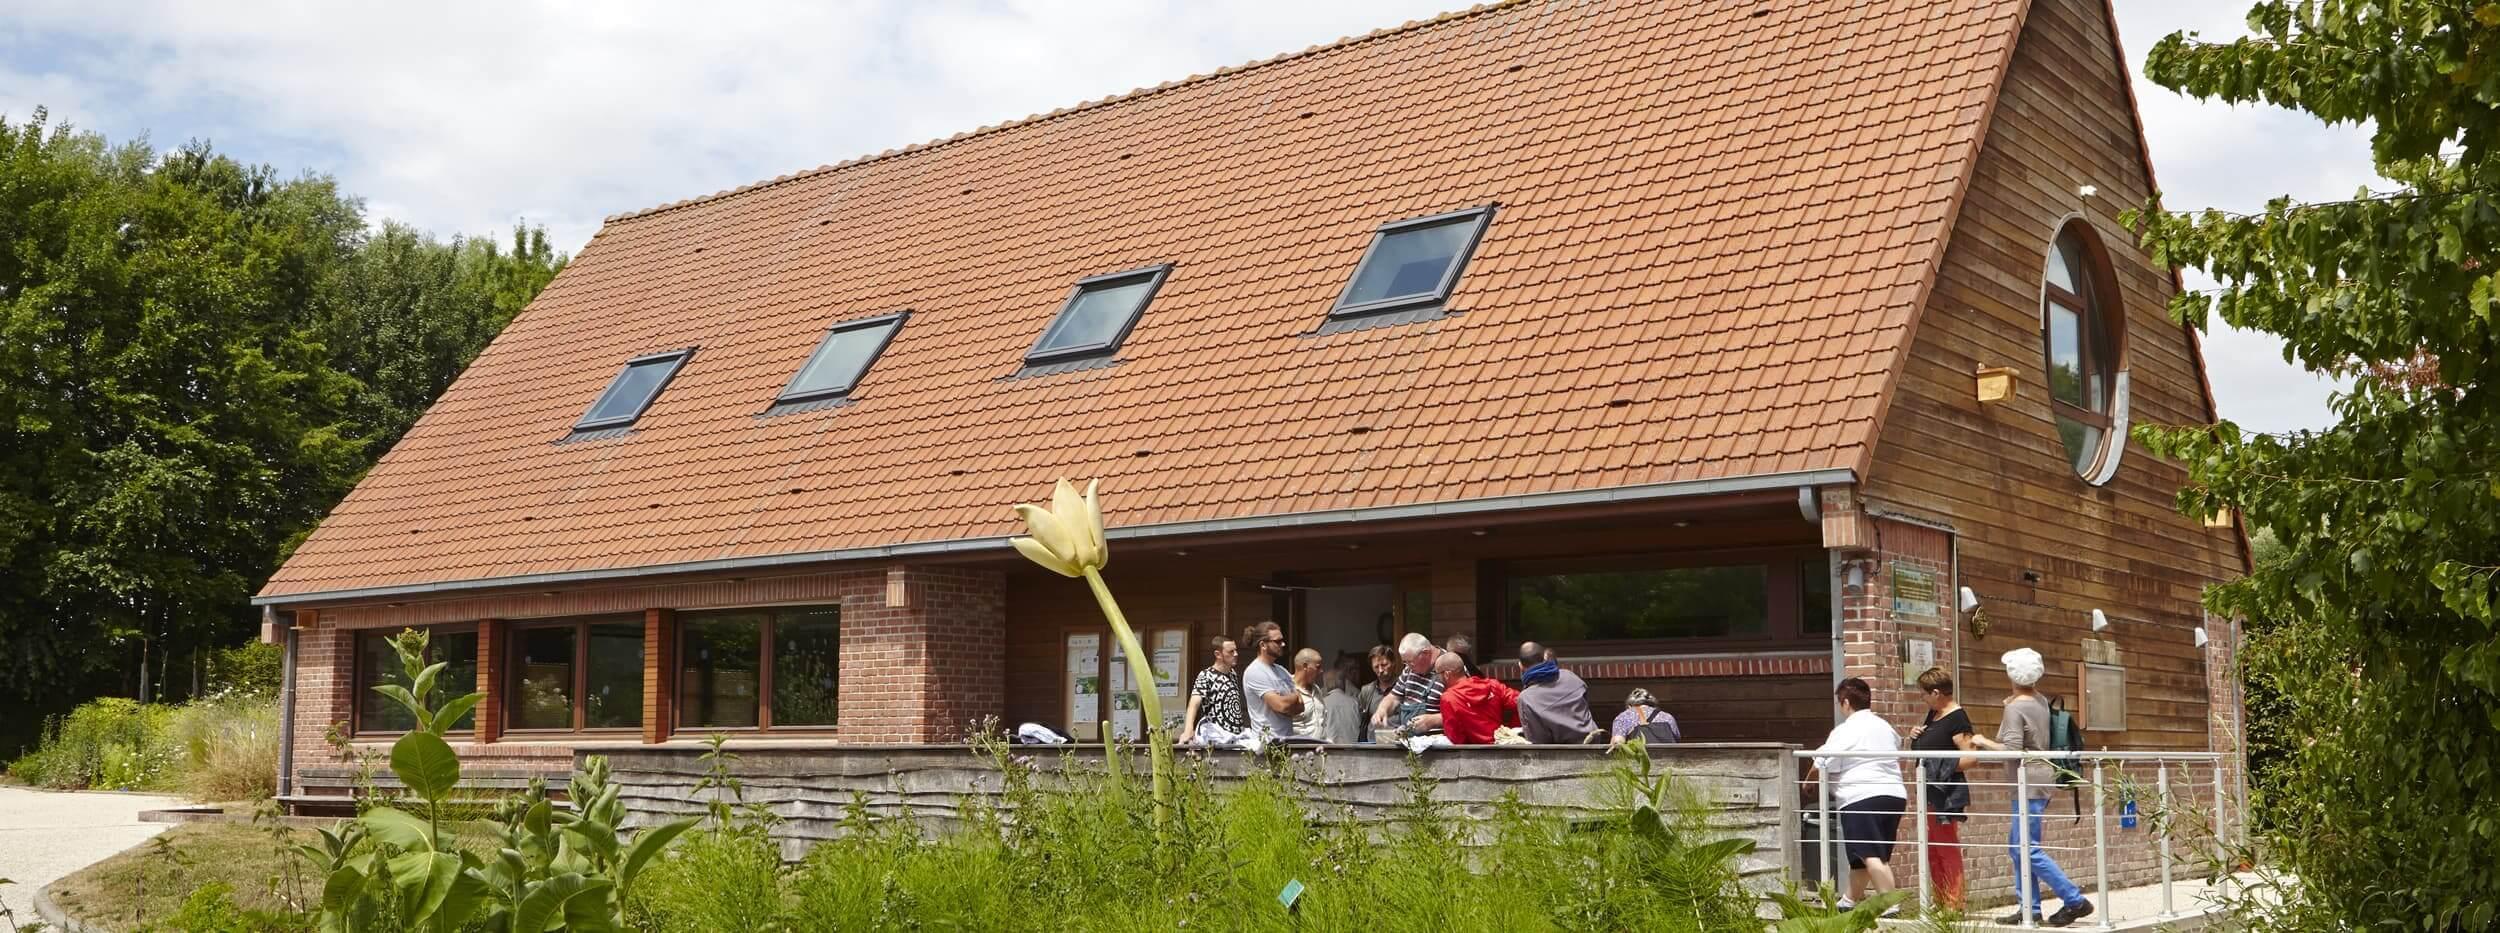 Atelier de botanique du CBNBL, vue extérieure